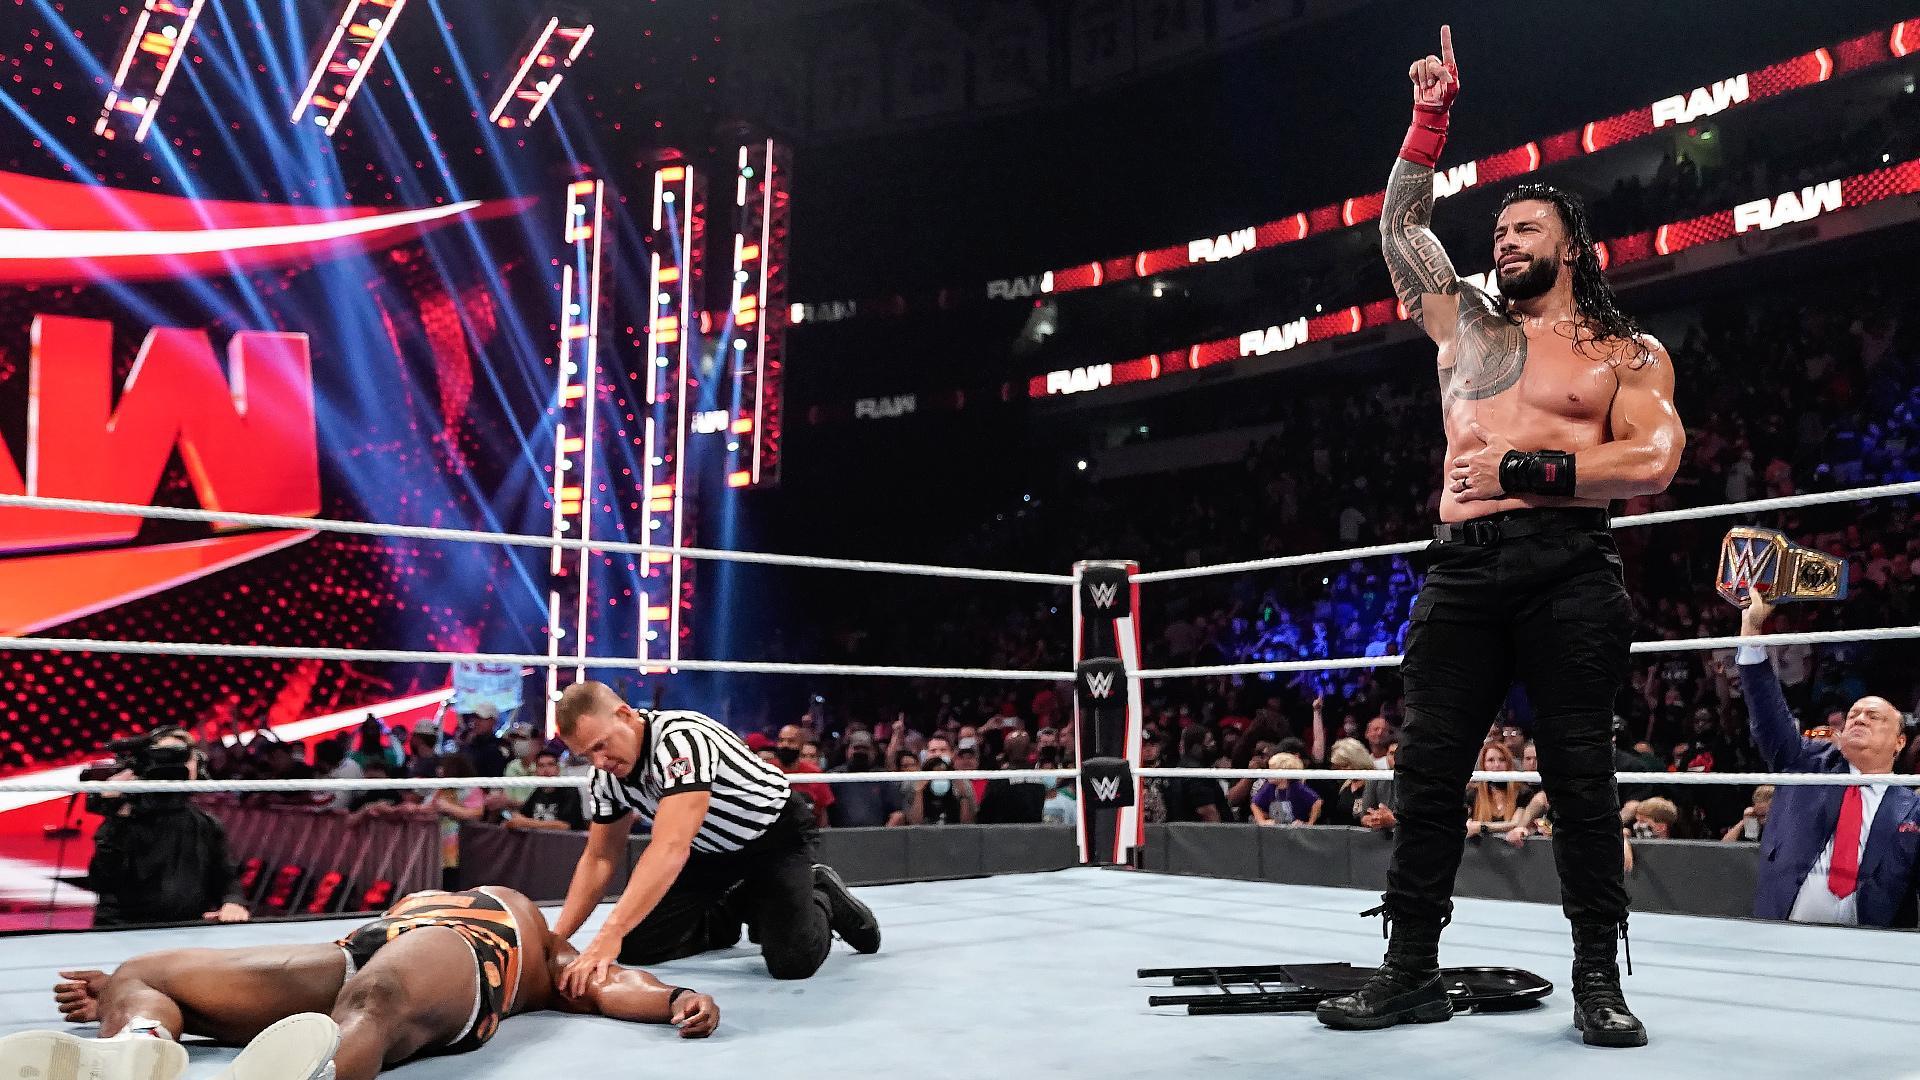 WWE alterou os planos para o evento principal do RAW